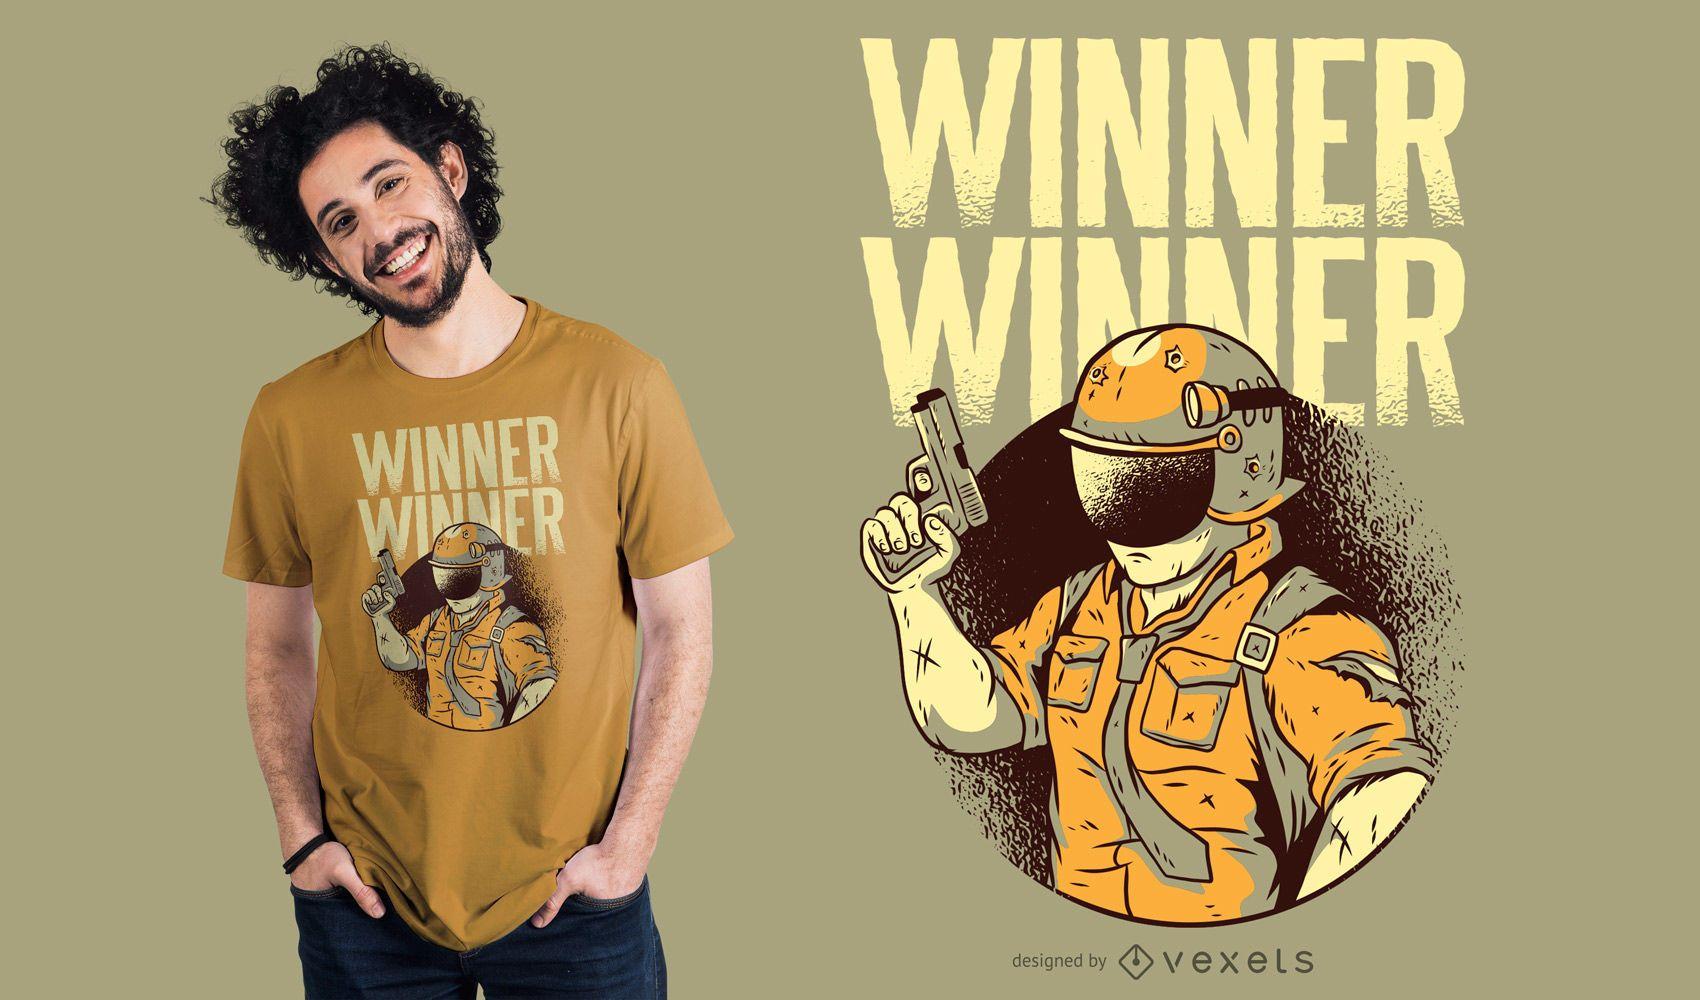 Diseño de camiseta de personaje armado ganador ganador